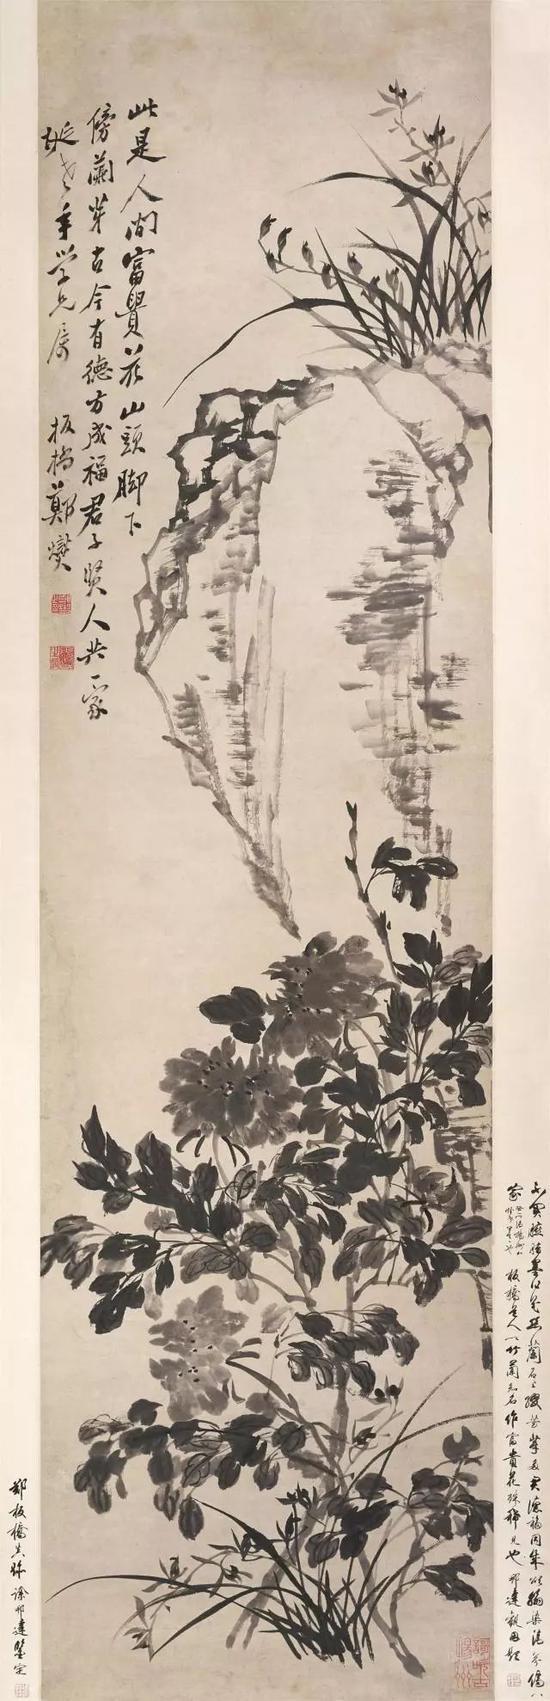 郑燮 《牡丹兰花图》轴,纸本水墨,纵189cm 横49.6cm